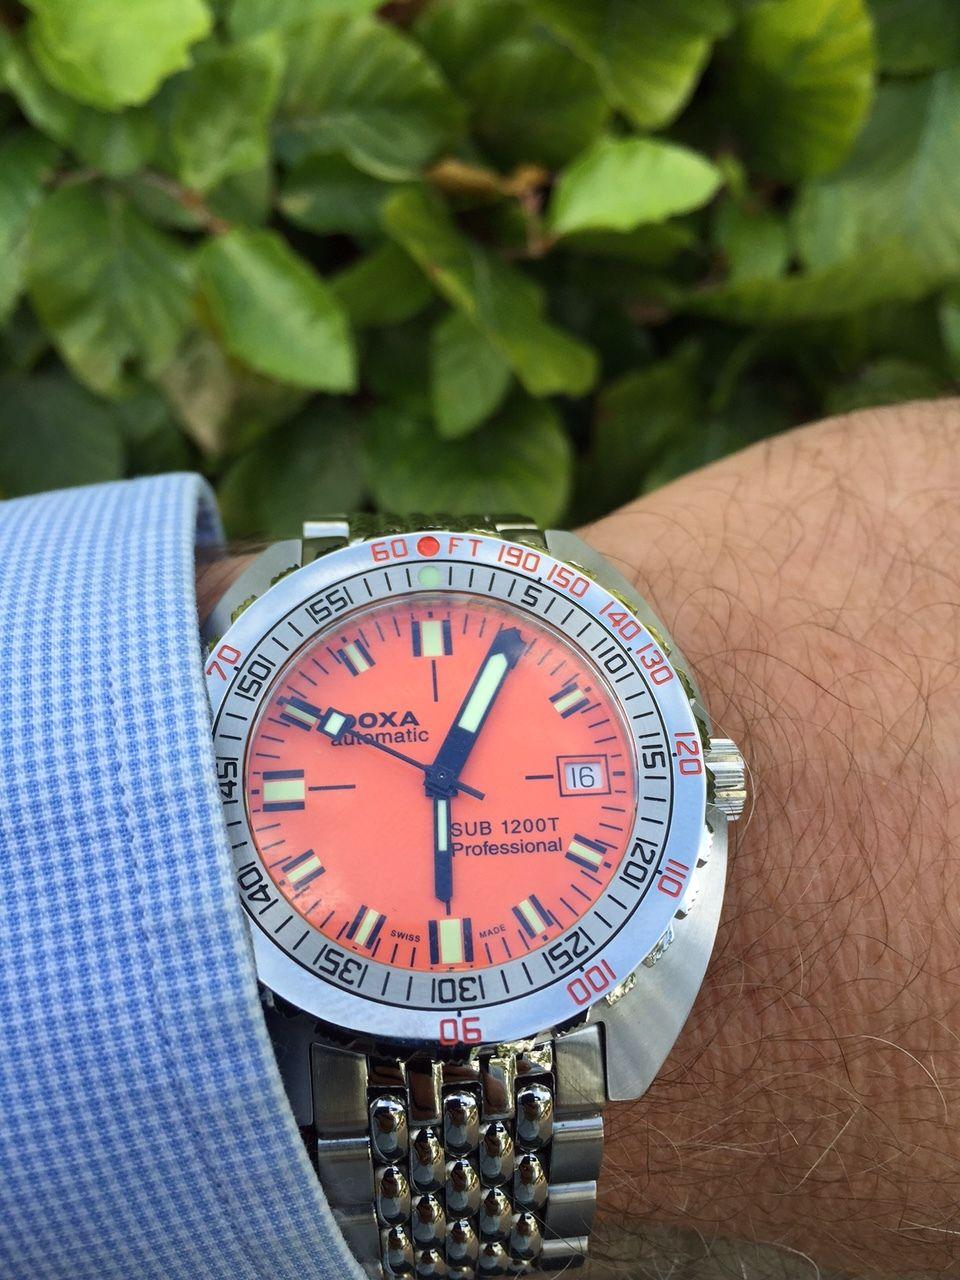 Nieuwe aanwinst doxa sub 1200t algemene horlogepraat het forum voor - Kleur voor levende ...